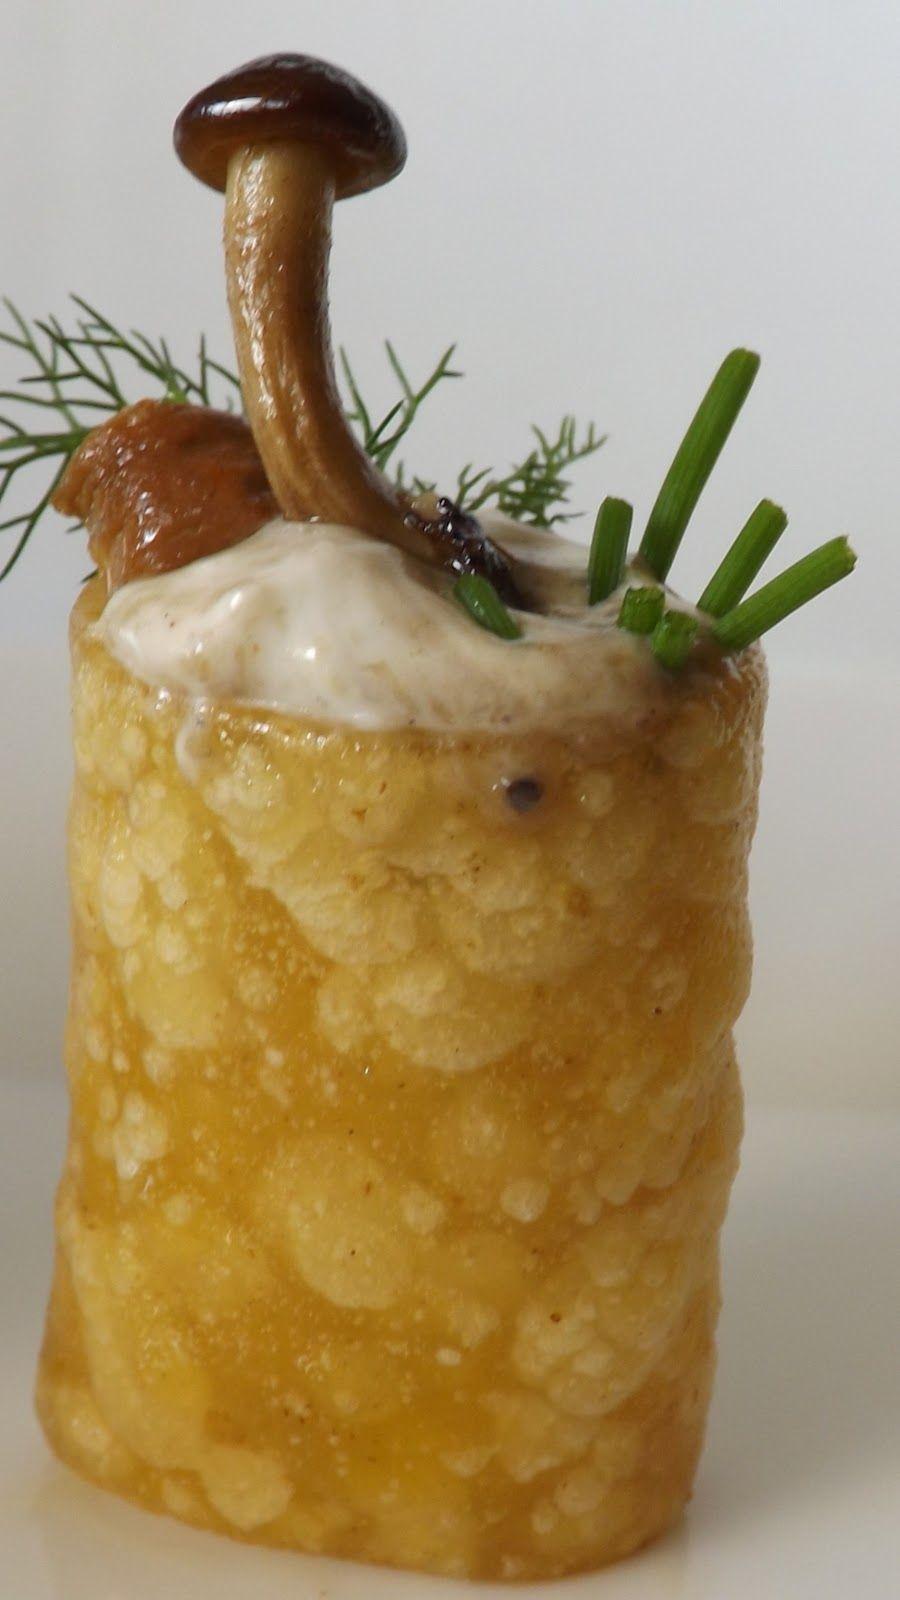 Antipasti Di Natale Grandi Chef.Ingredienti Prodigiosi Procedimenti Per Ottenere Il Meglio Dai Cibi E Dalle Cotture I Trucchi Dei Grandi Chef Ricette Di Cucina Ricette Ricette Gourmet